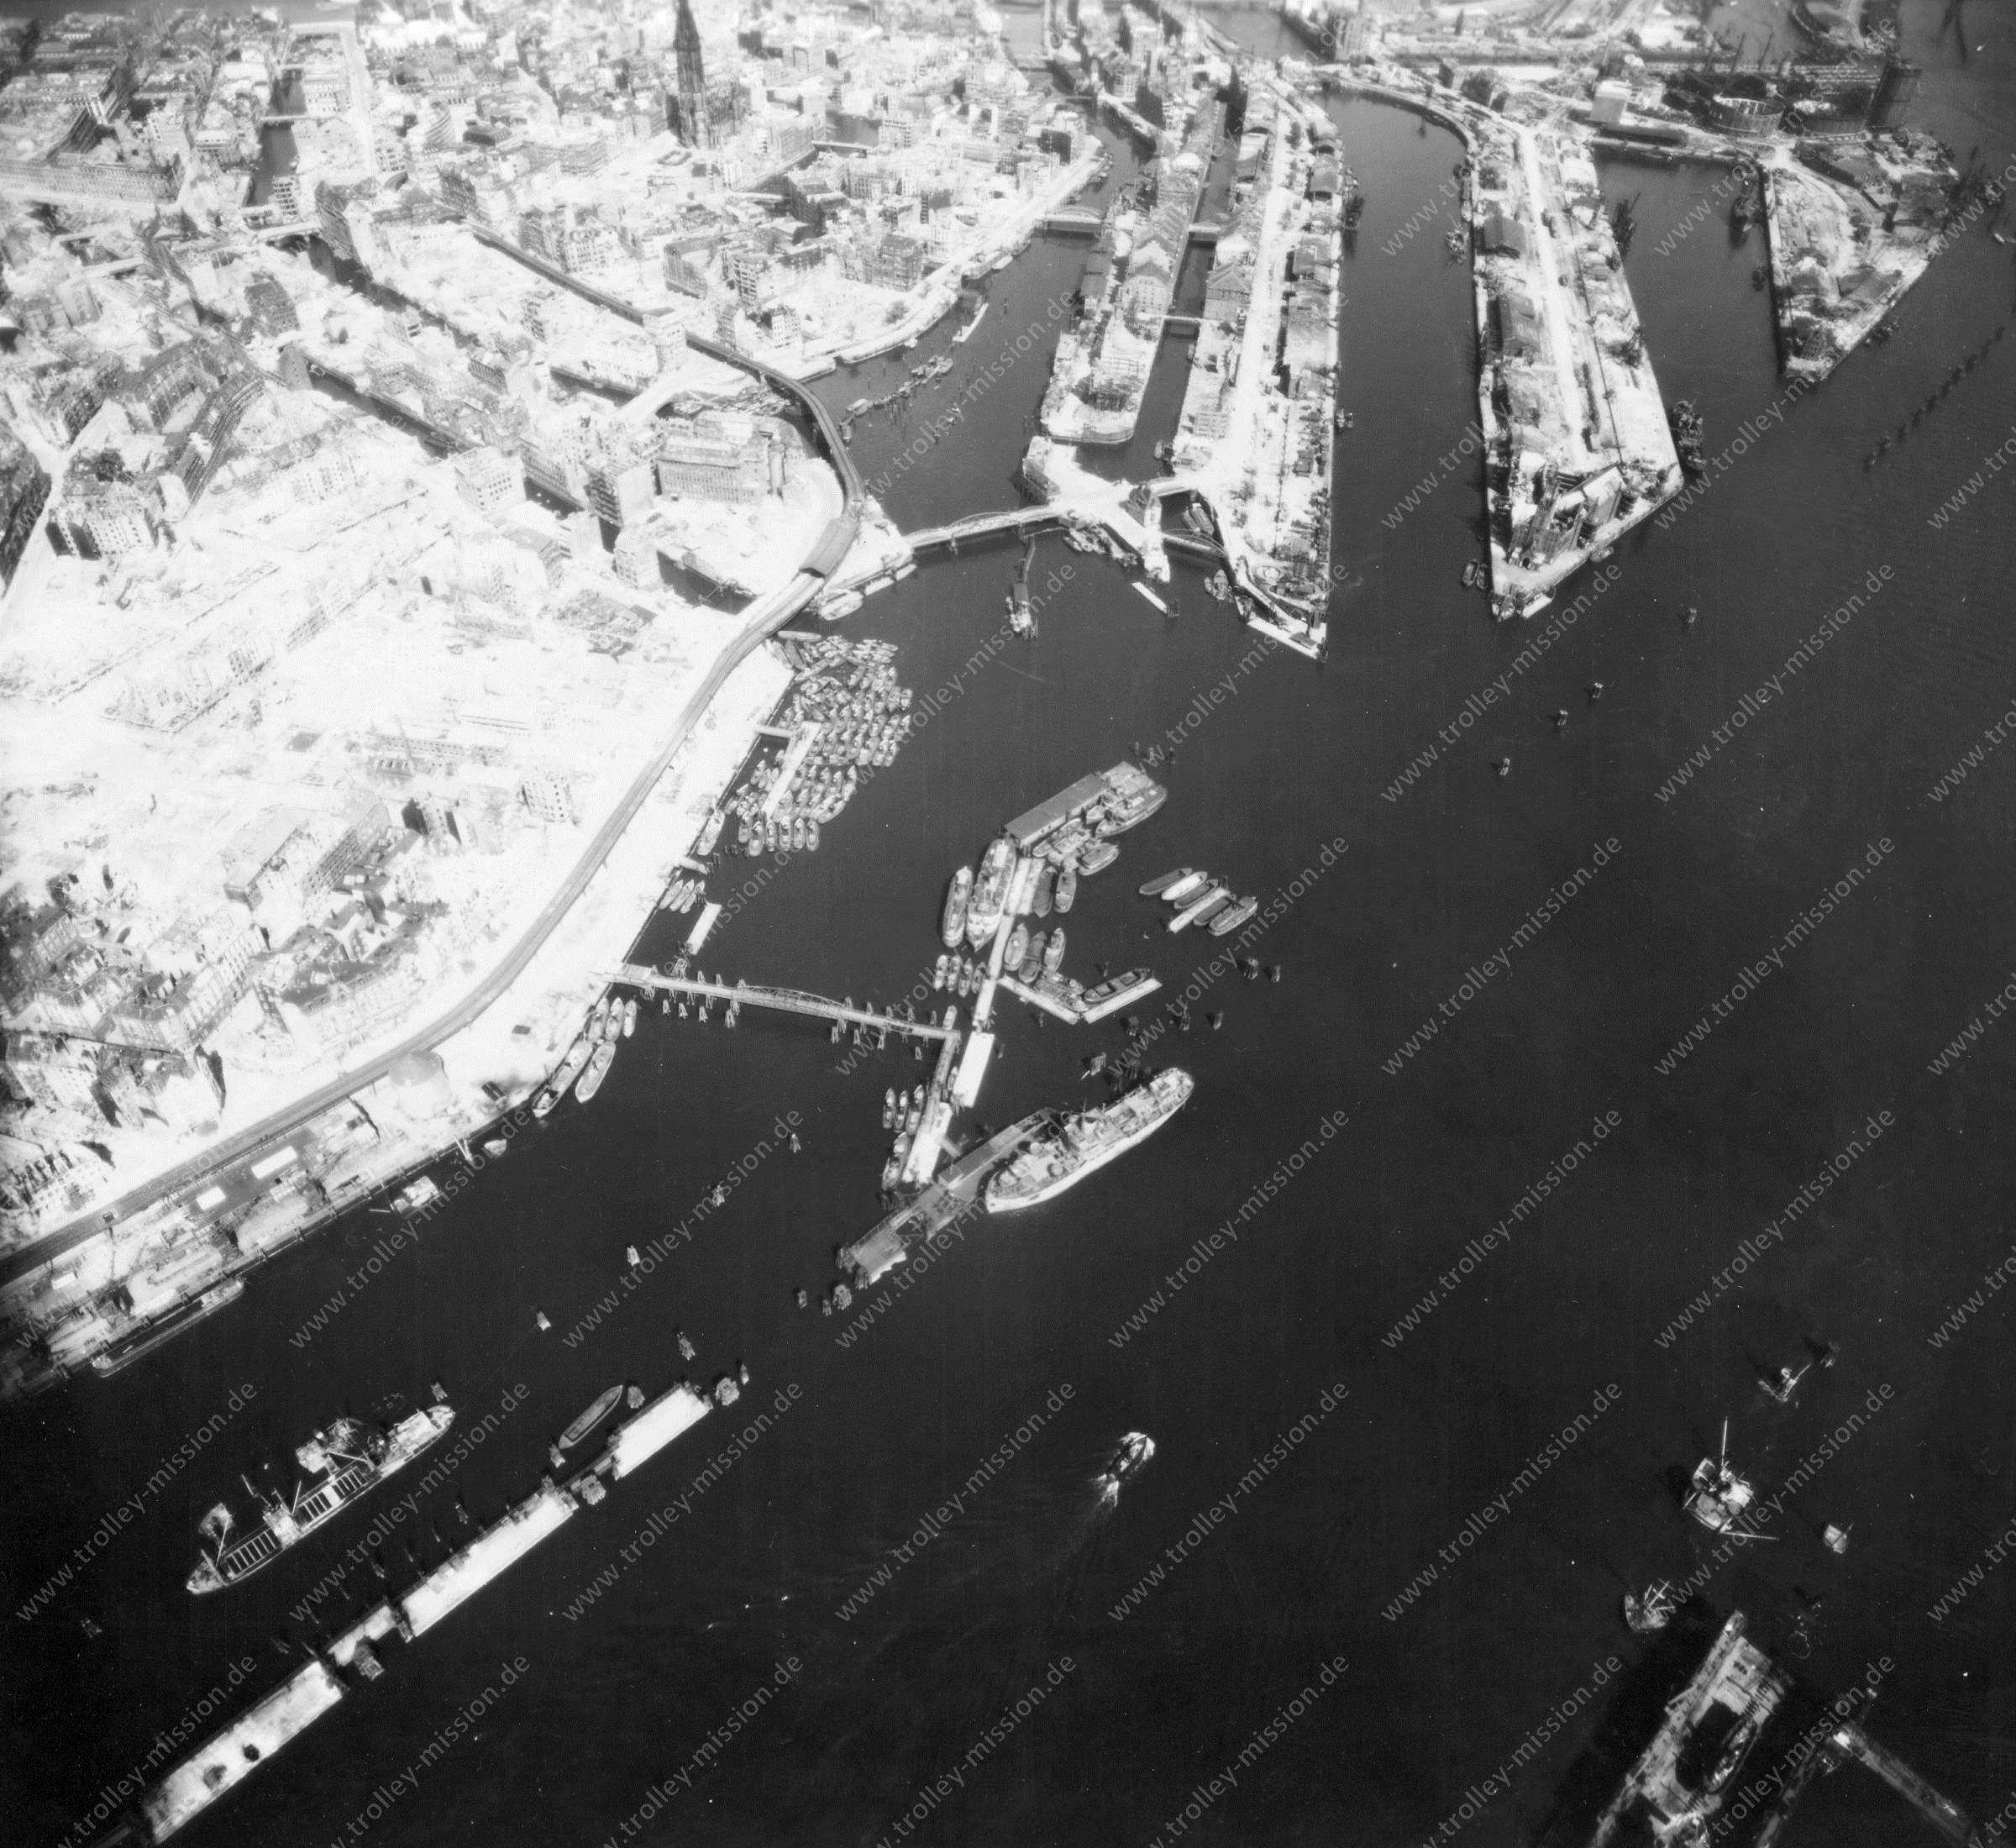 Luftbild von Hamburg und Hafen am 12. Mai 1945 - Luftbildserie 12/19 der US Air Force